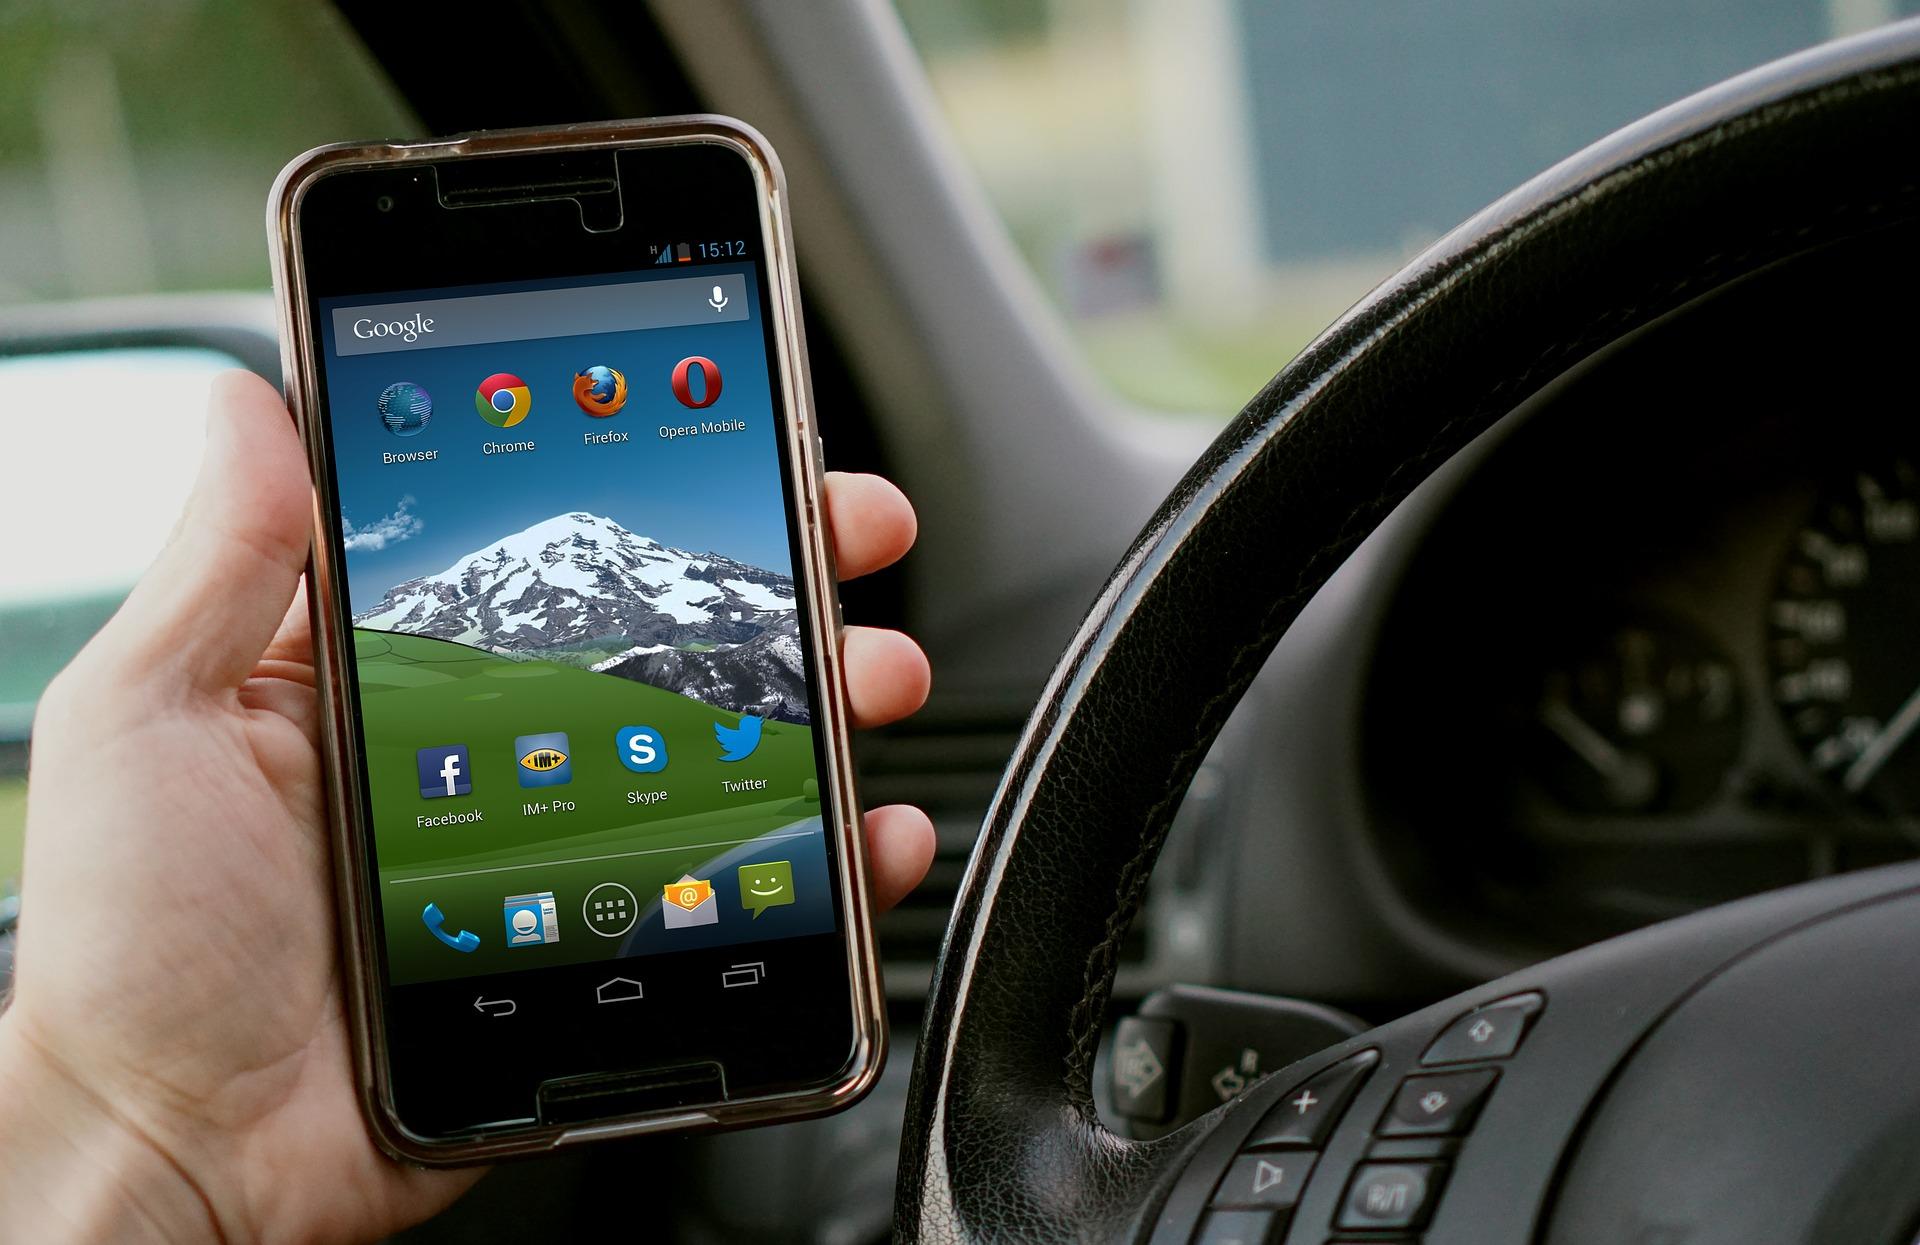 Auch Griff zum Handy, lediglich zur Funktionskontrolle, ist Ordnungswidrigkeit